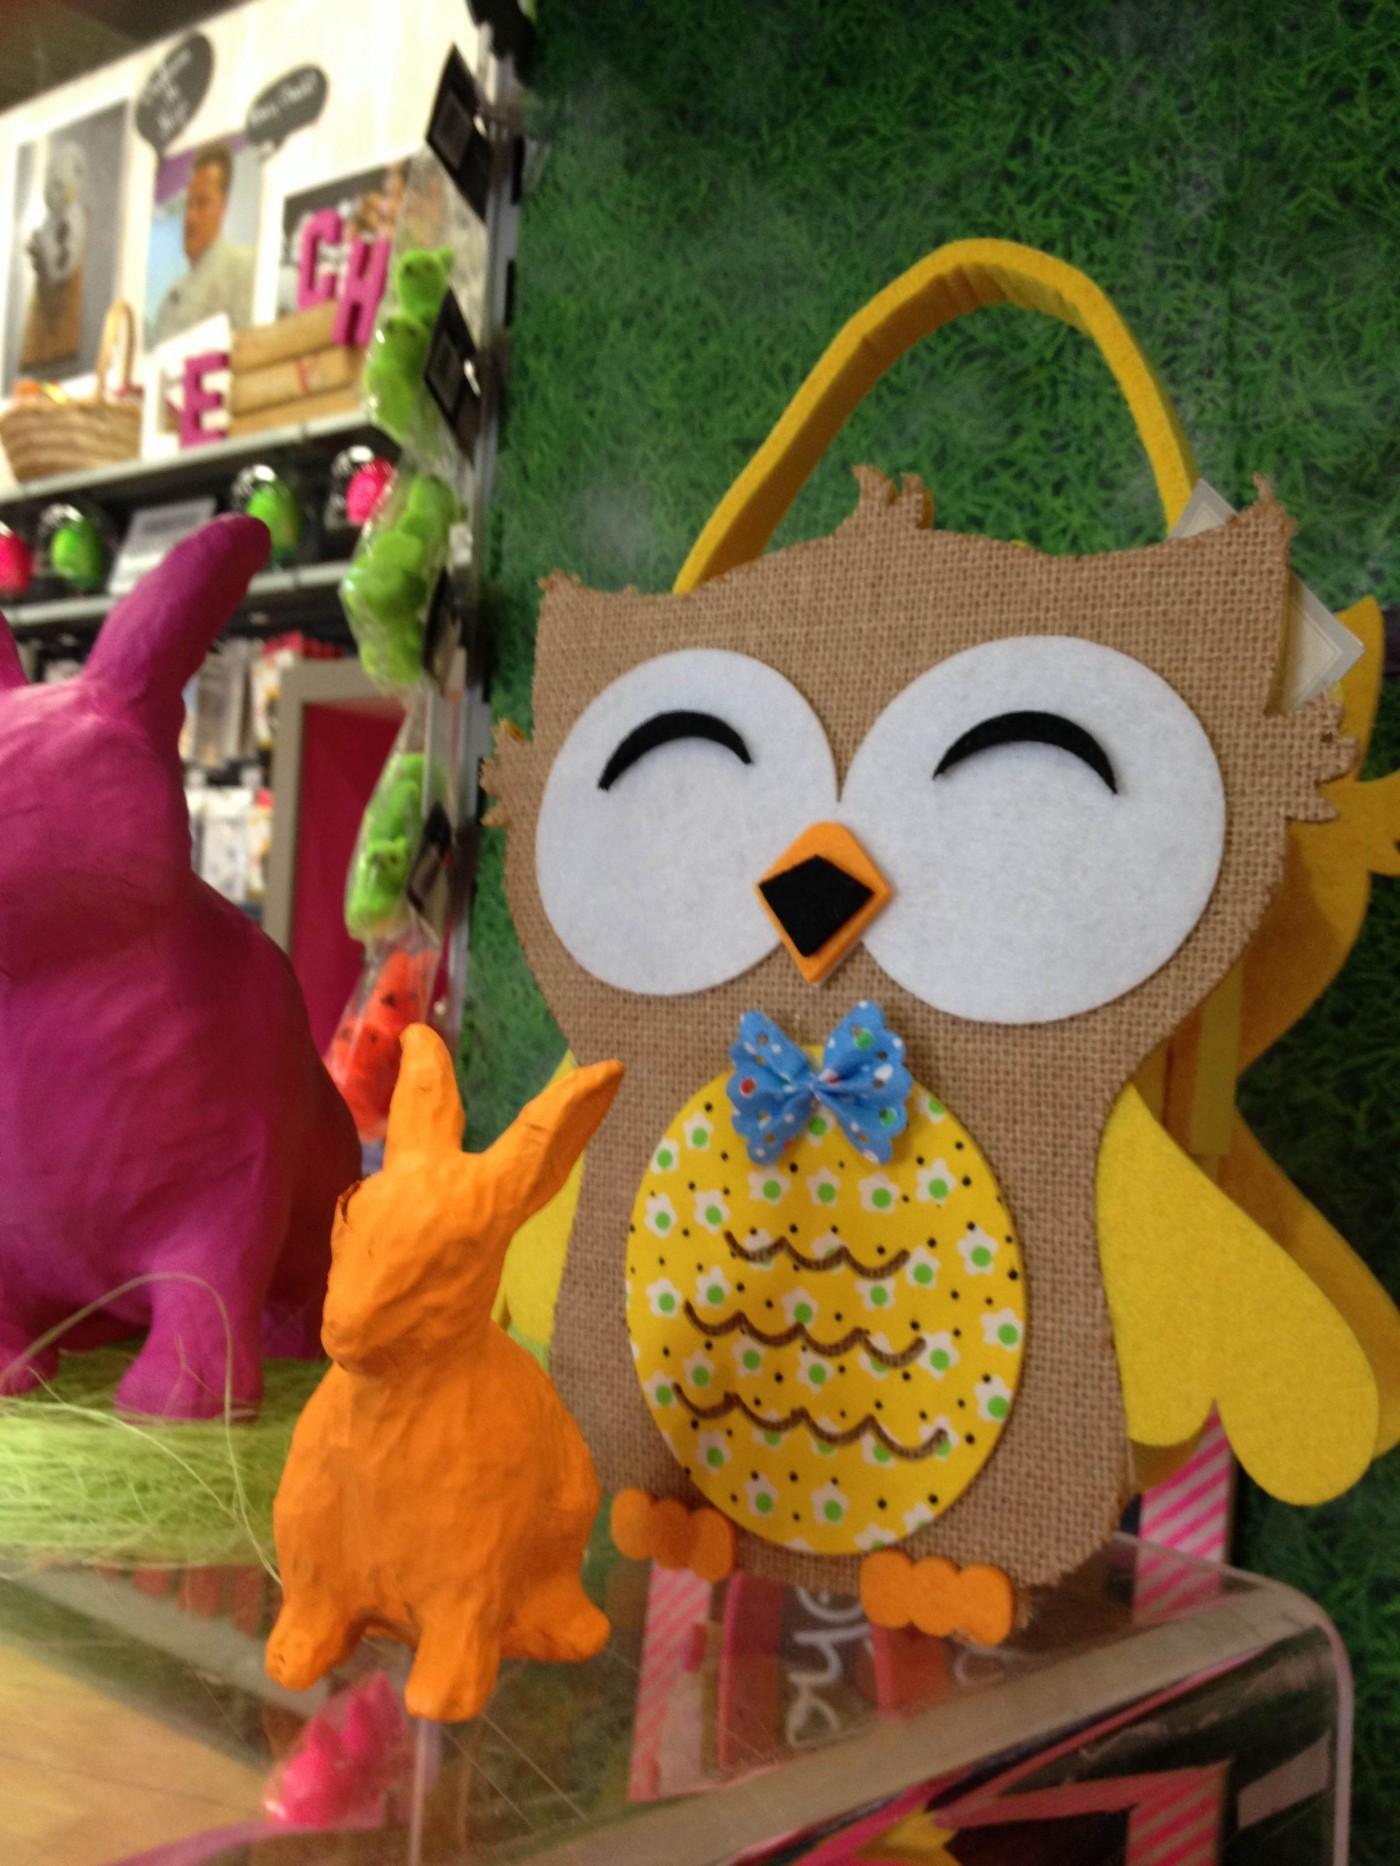 les petits sacs de Pâques très chouettes sont arrivés !